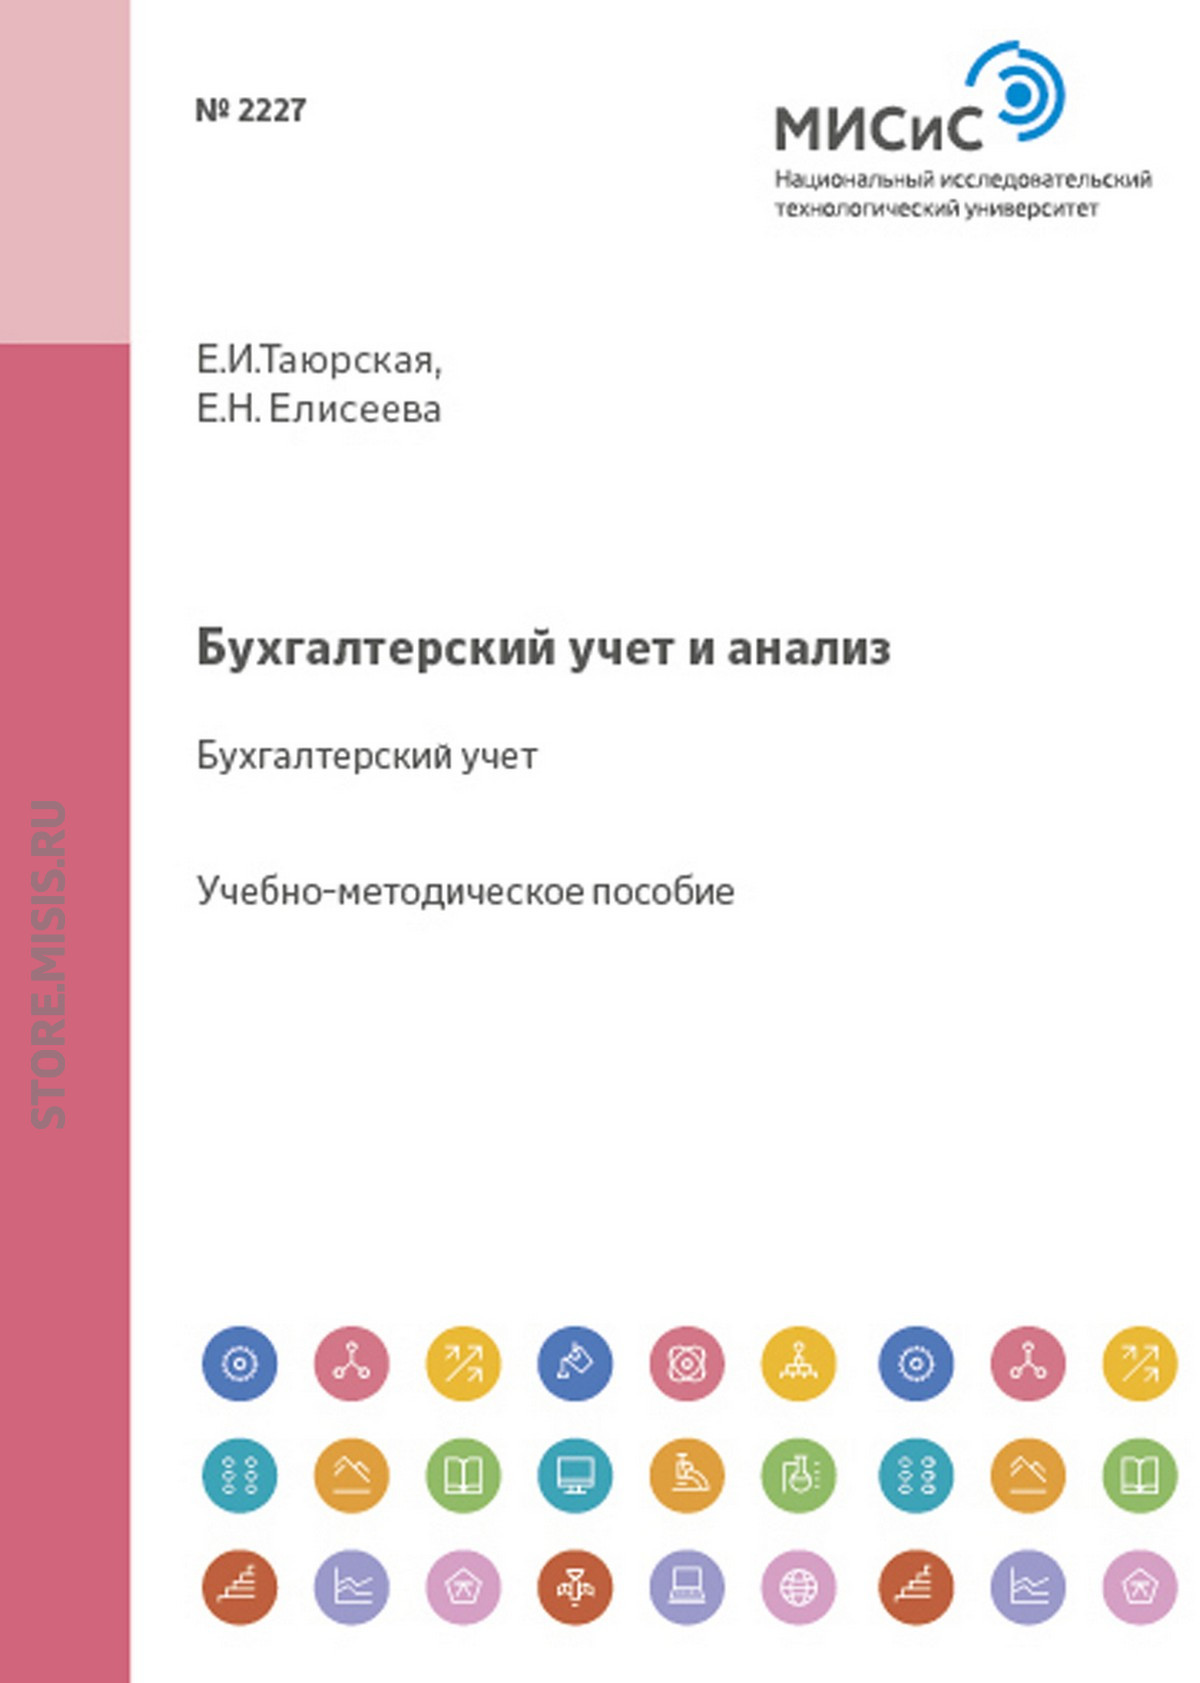 Евгения Елисеева Бухгалтерский учет и анализ. Бухгалтерский учет шестаковае бухгалтерский учет как научиться составлять проводки